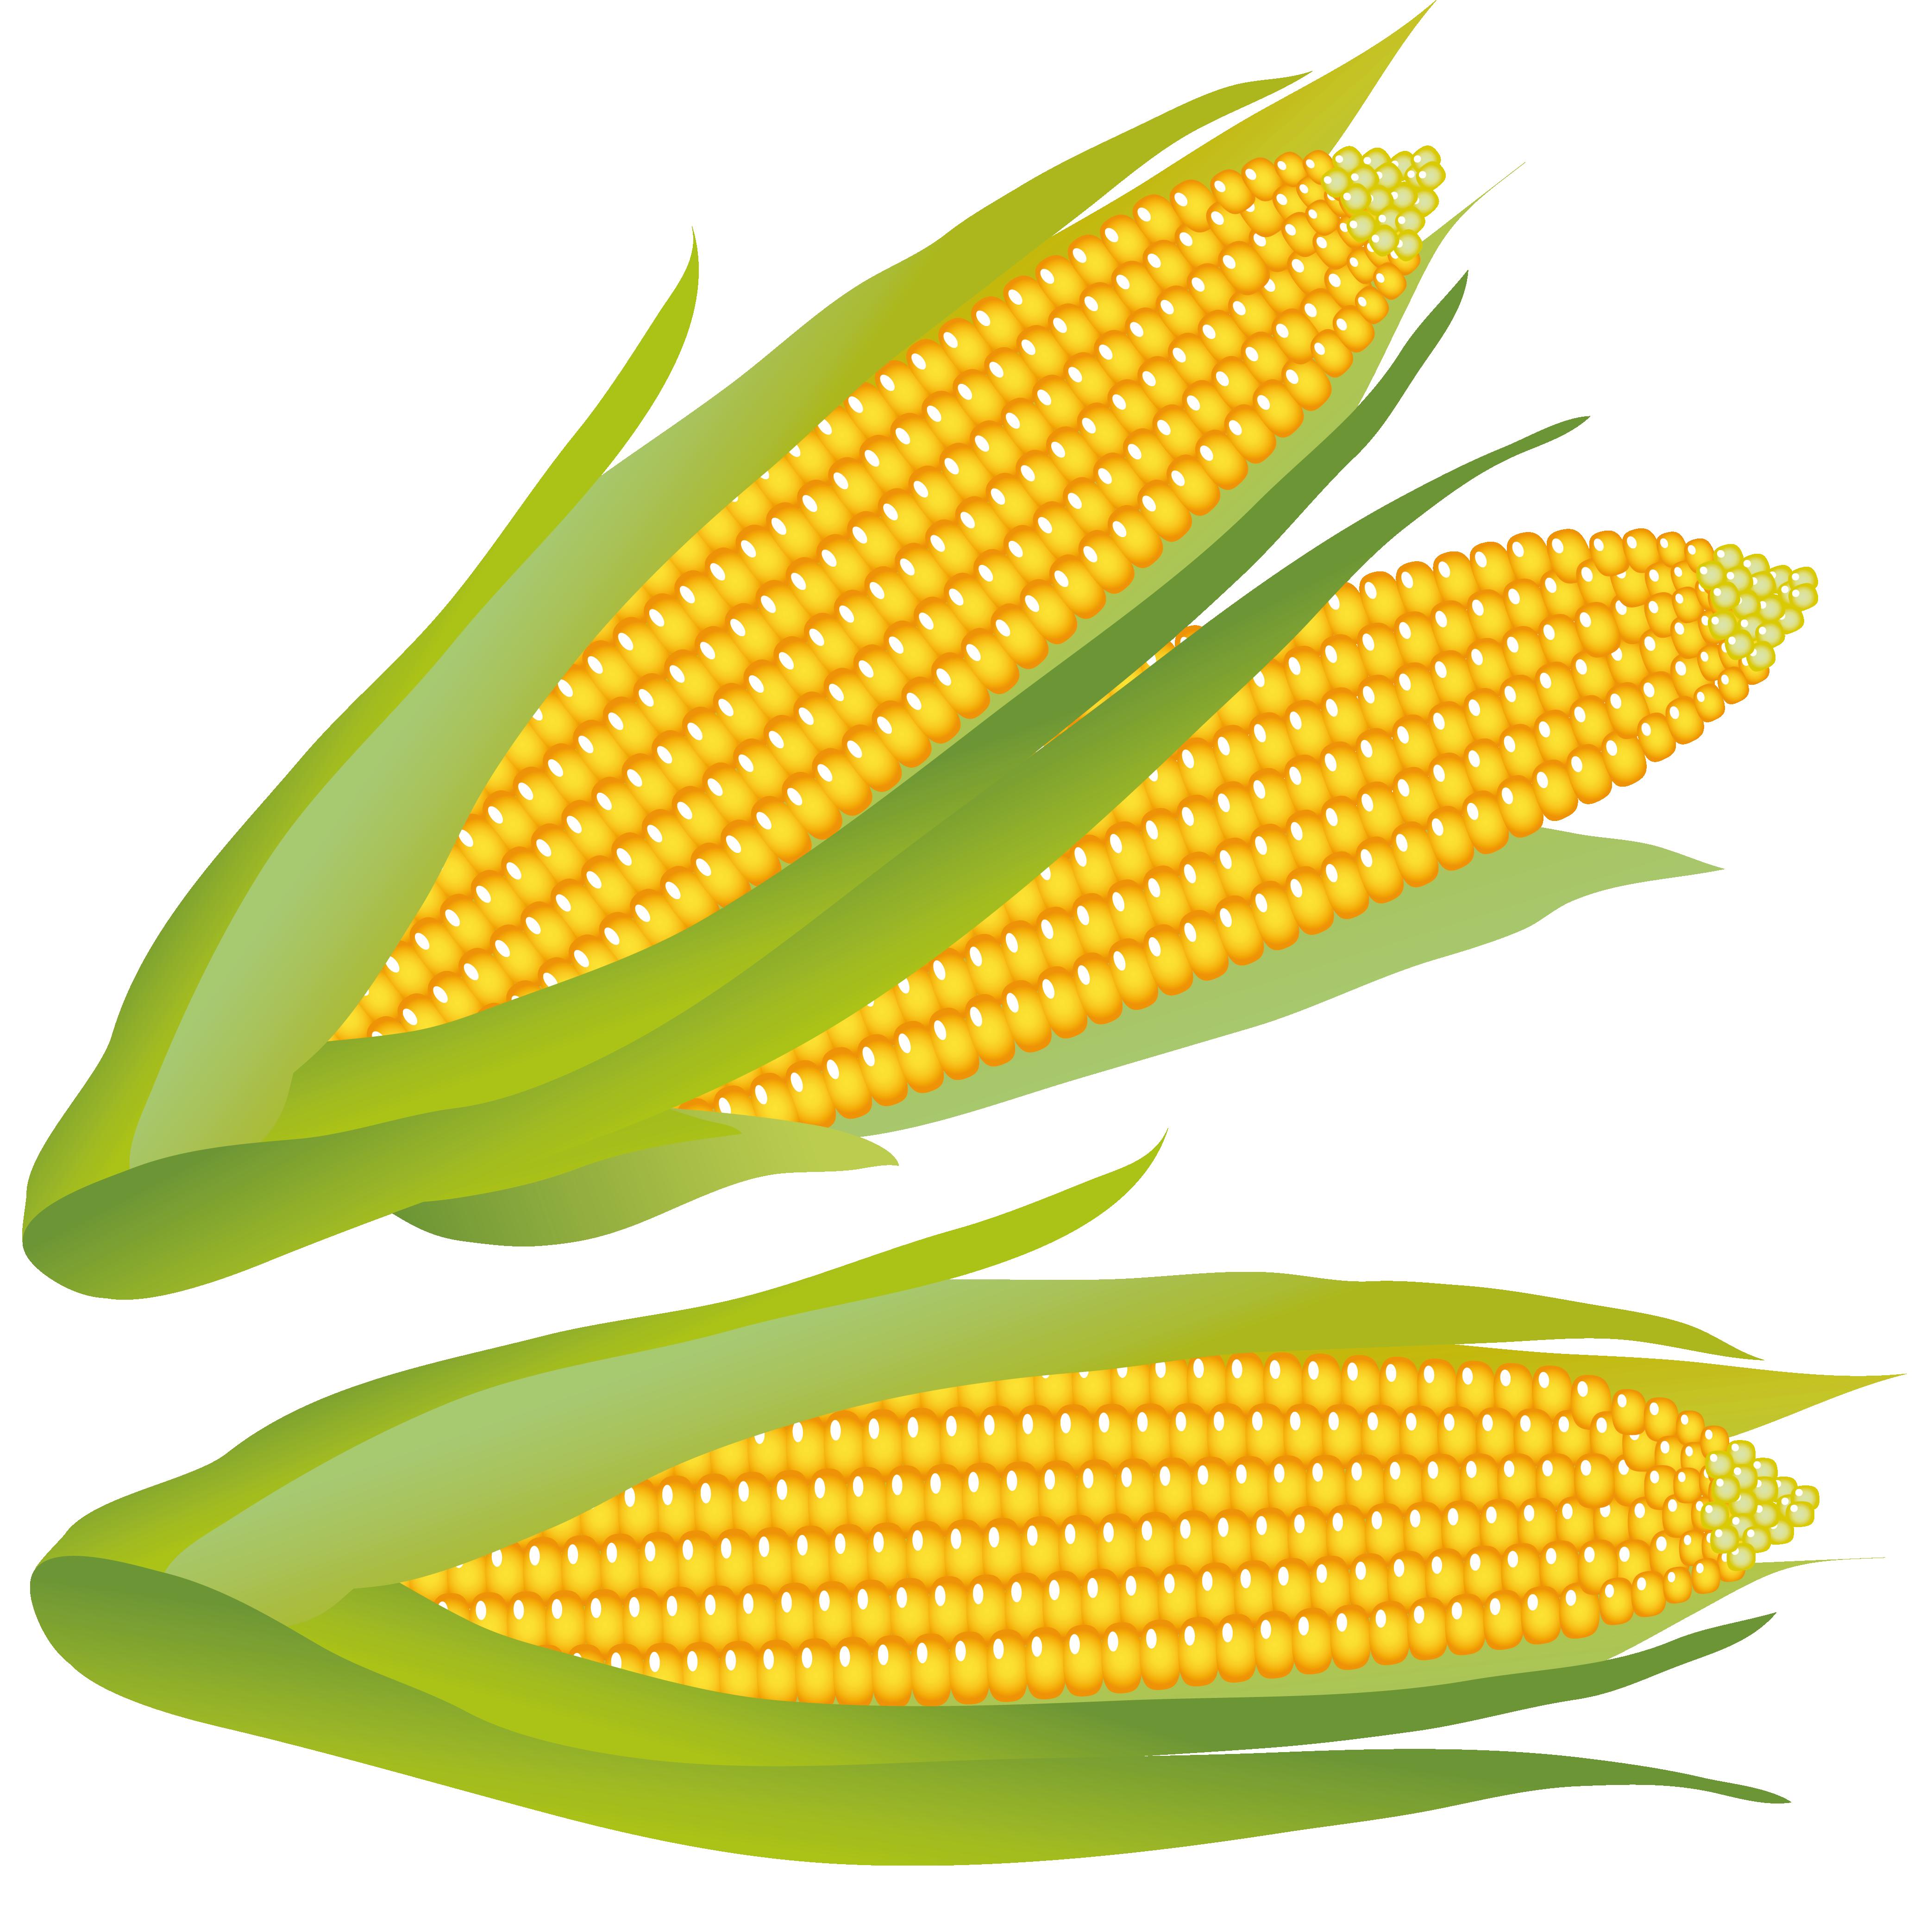 corn clipart